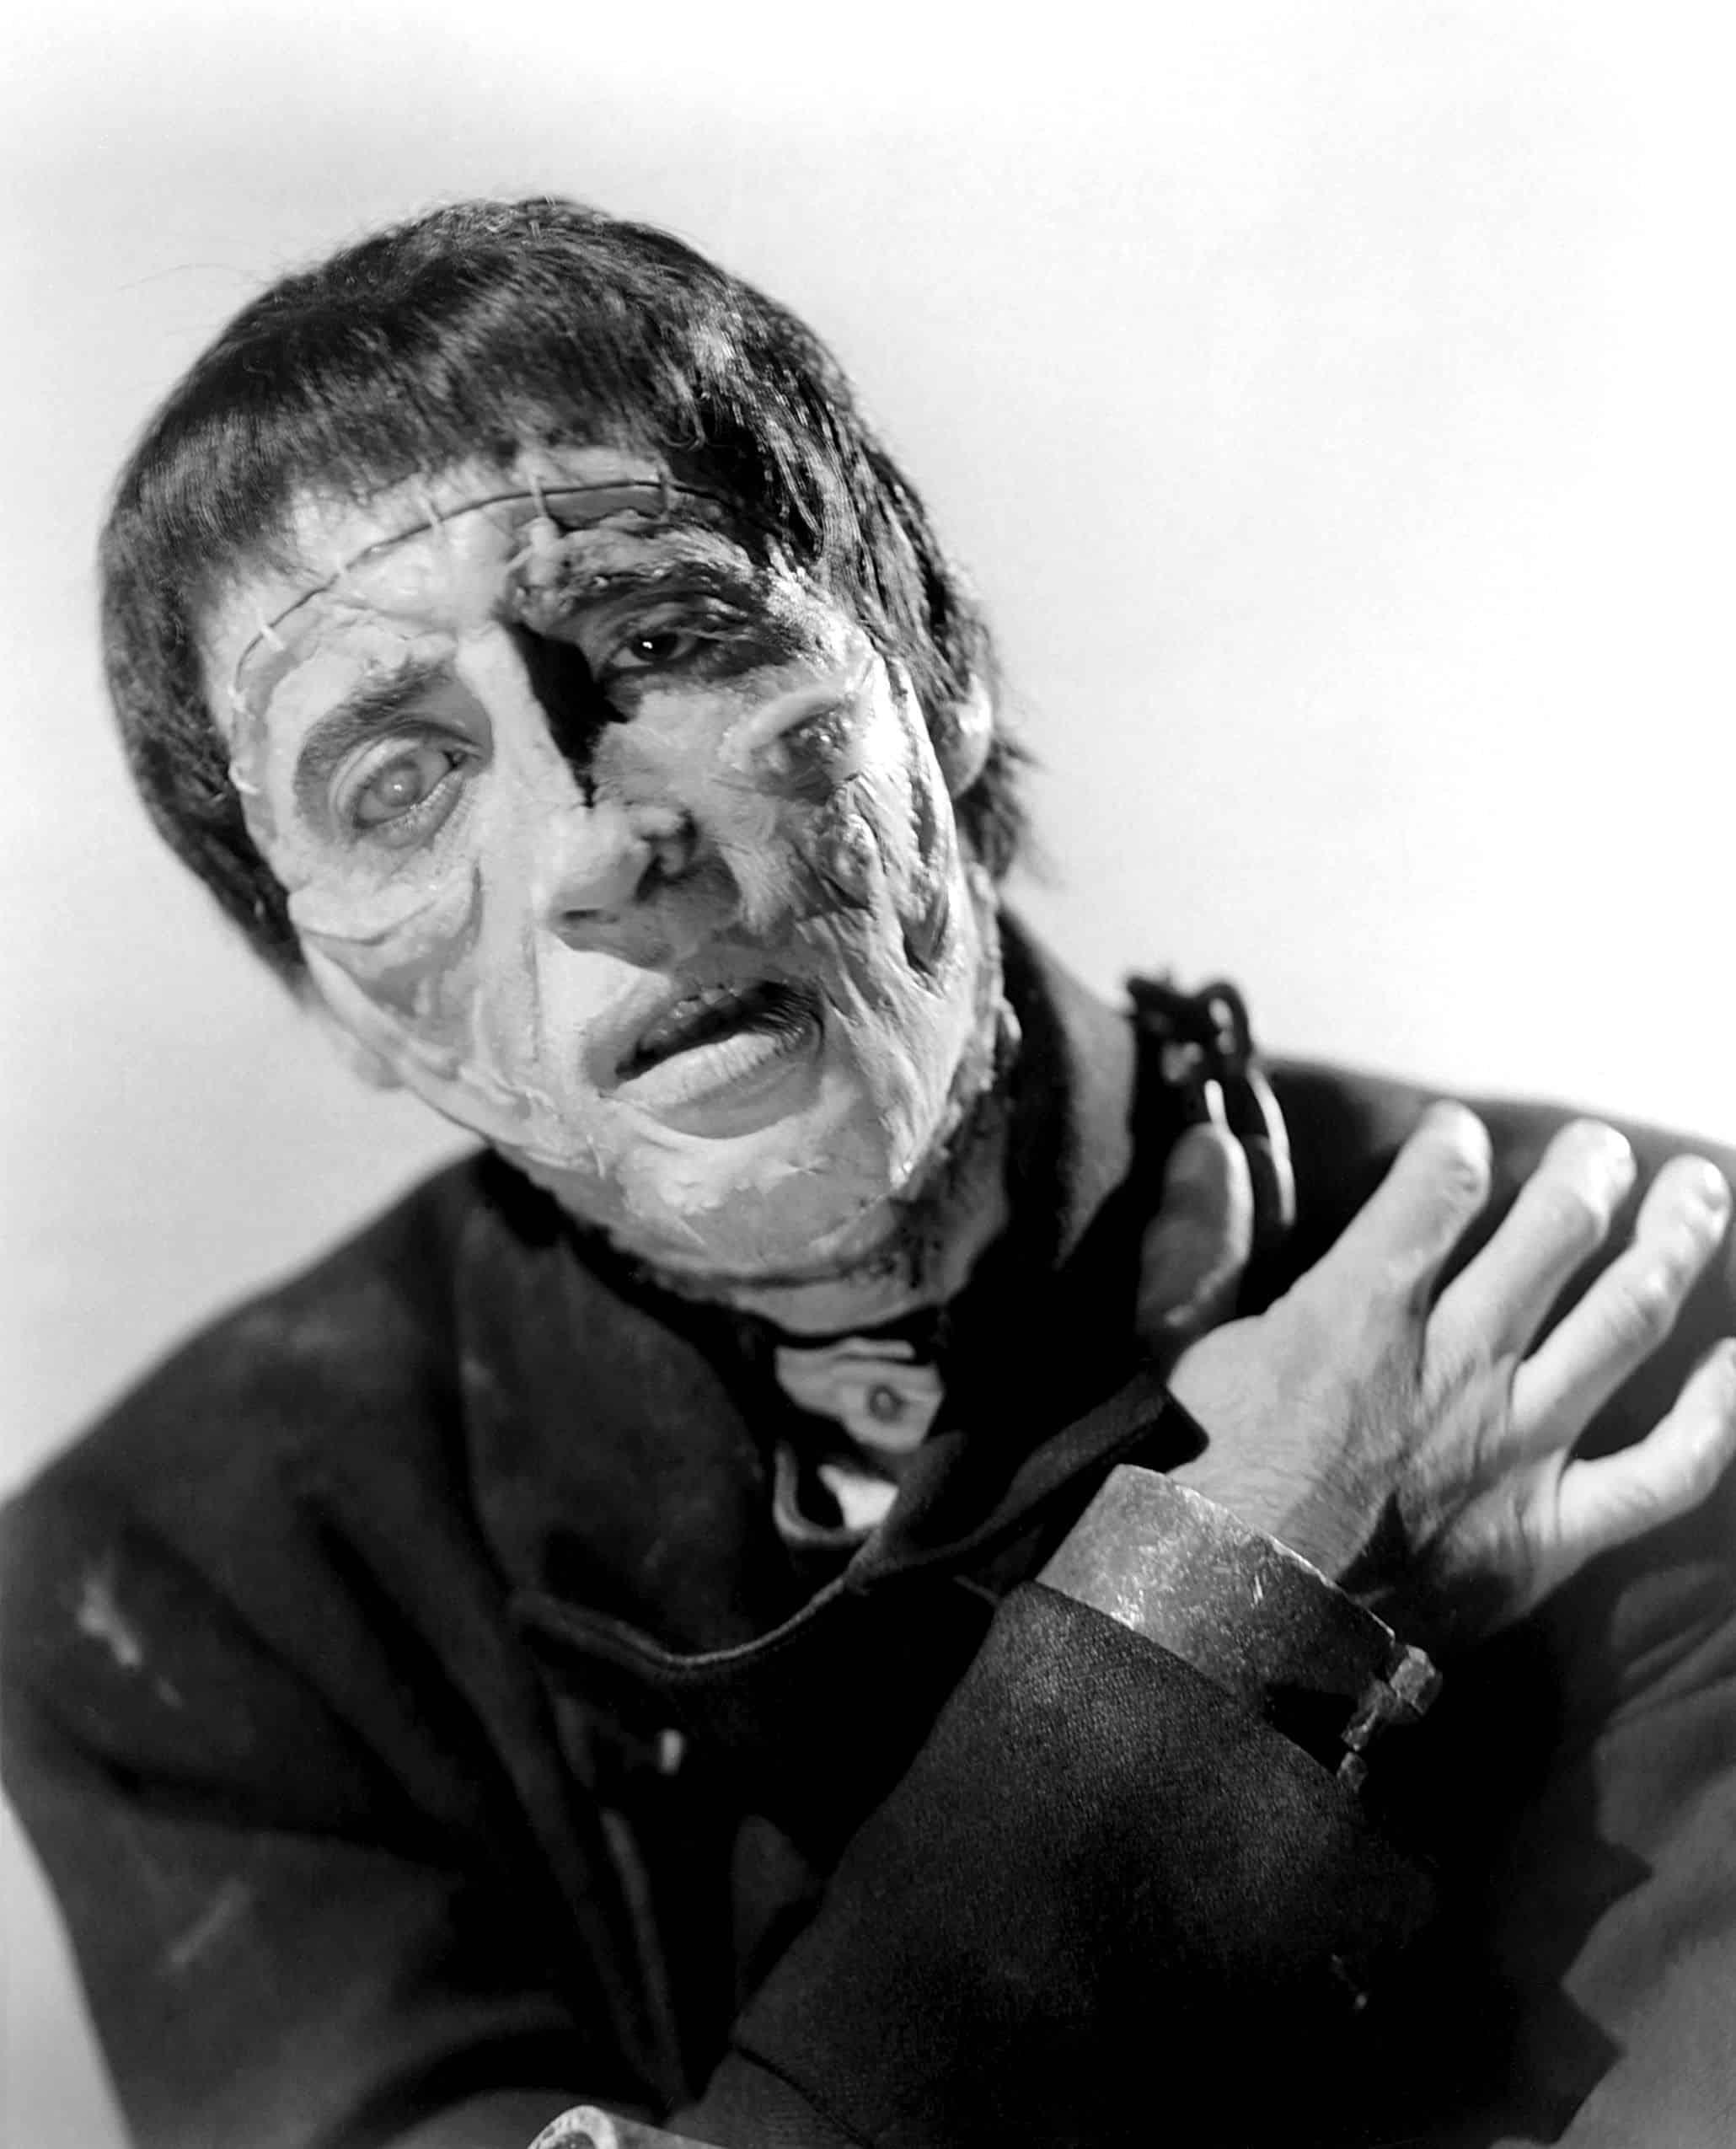 5843602f5b36d0f522edb788e6dc859d The Dark Truth Behind 1994's Mary Shelley's Frankenstein